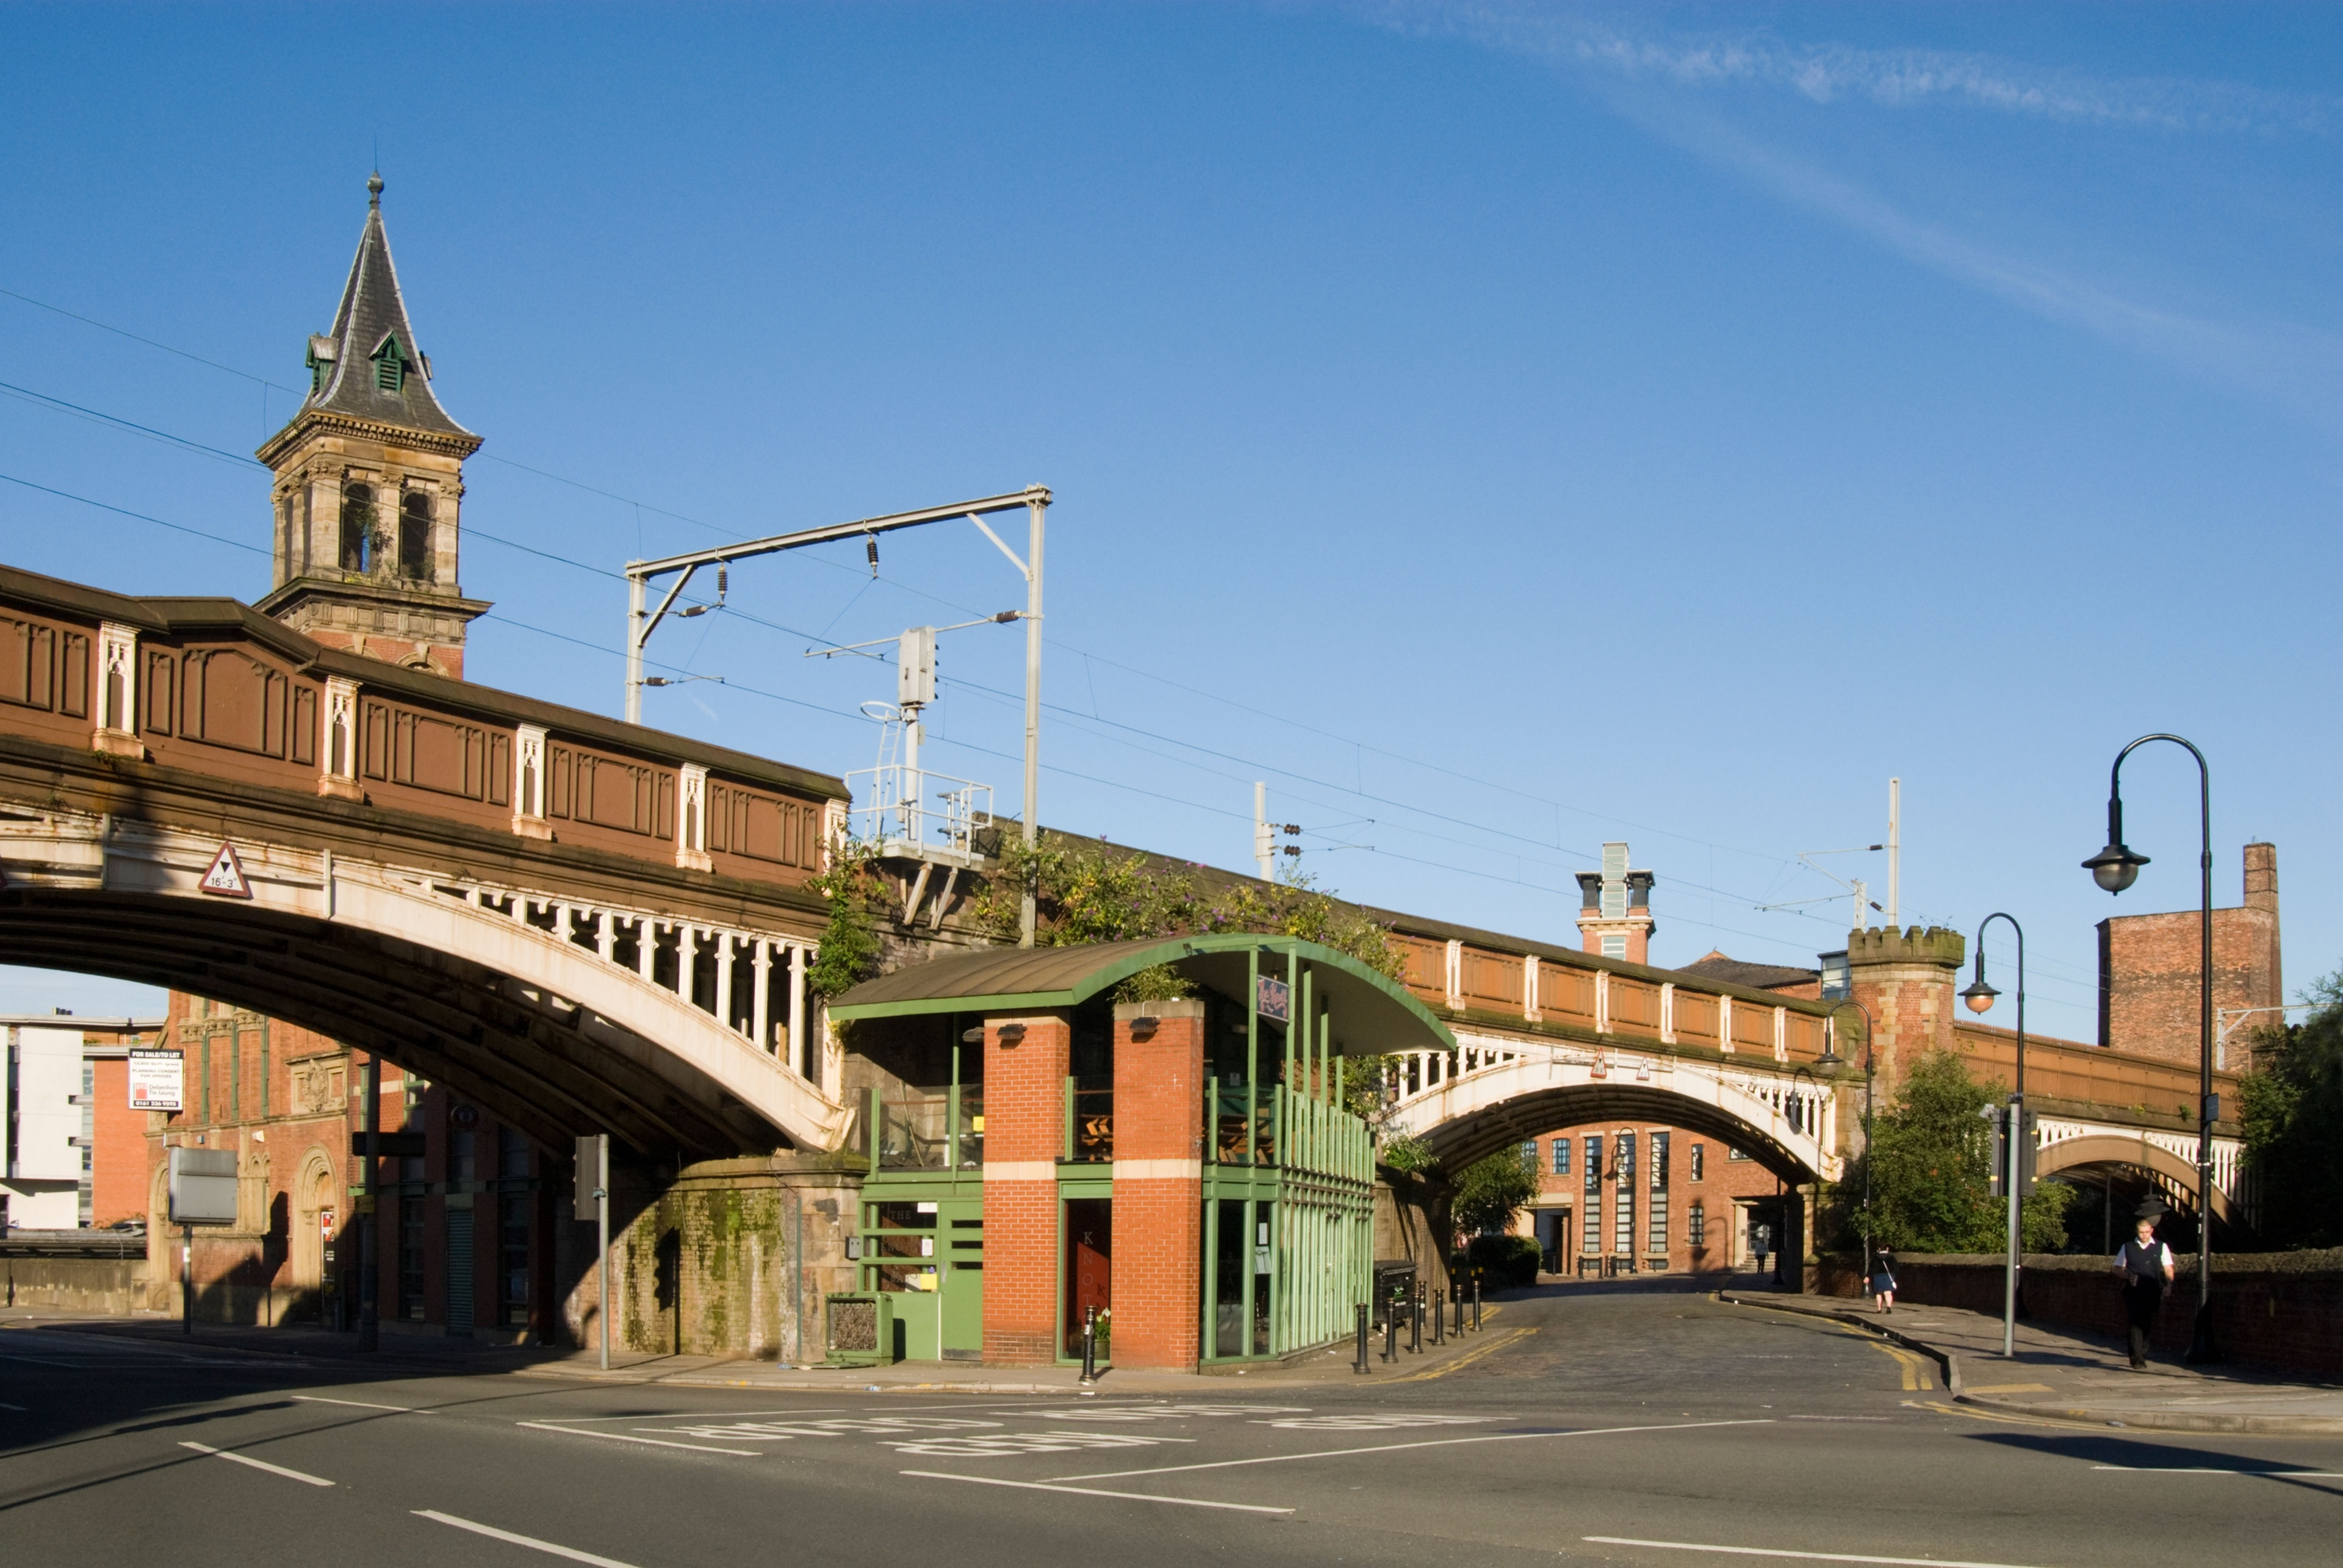 På turen til Manchester kan du finne den perfekte gaven å ta med hjem om du besøker Deansgate. Dette romantiske området er kjent for sine mange restauranter og har teatre du også bør oppleve.